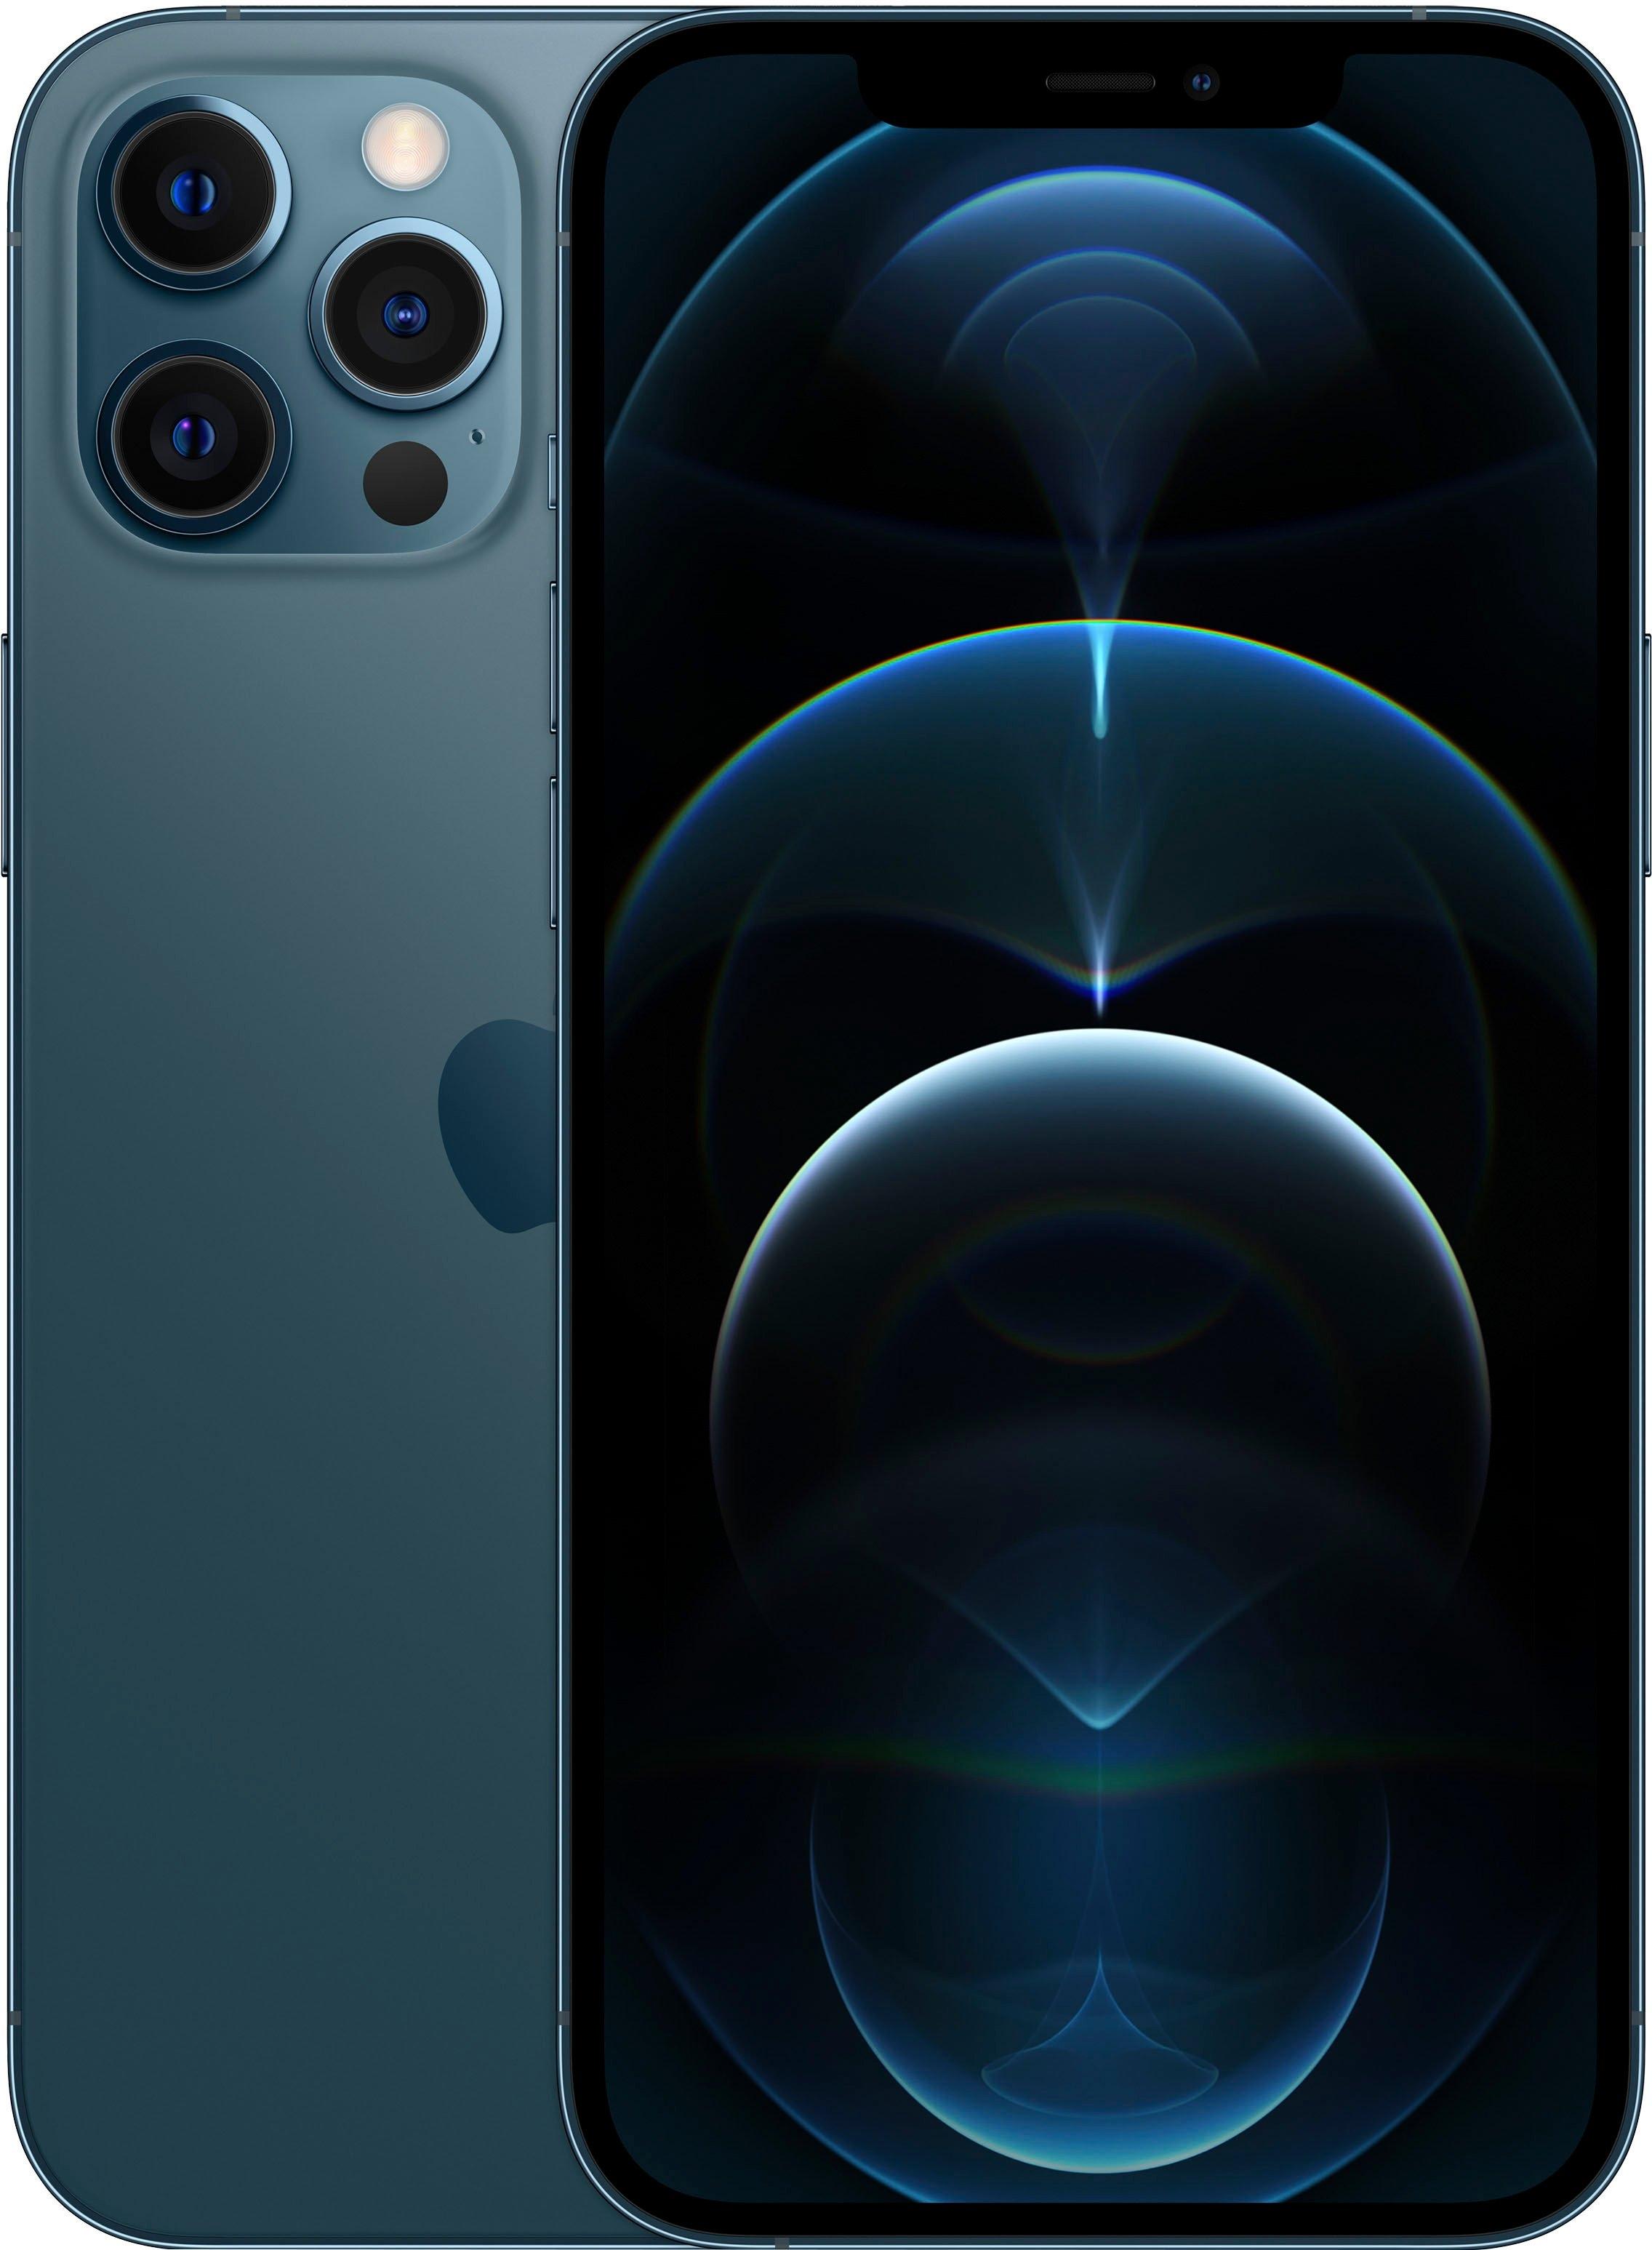 Apple »iPhone 12 Pro Max - 512GB« smartphone bij OTTO online kopen